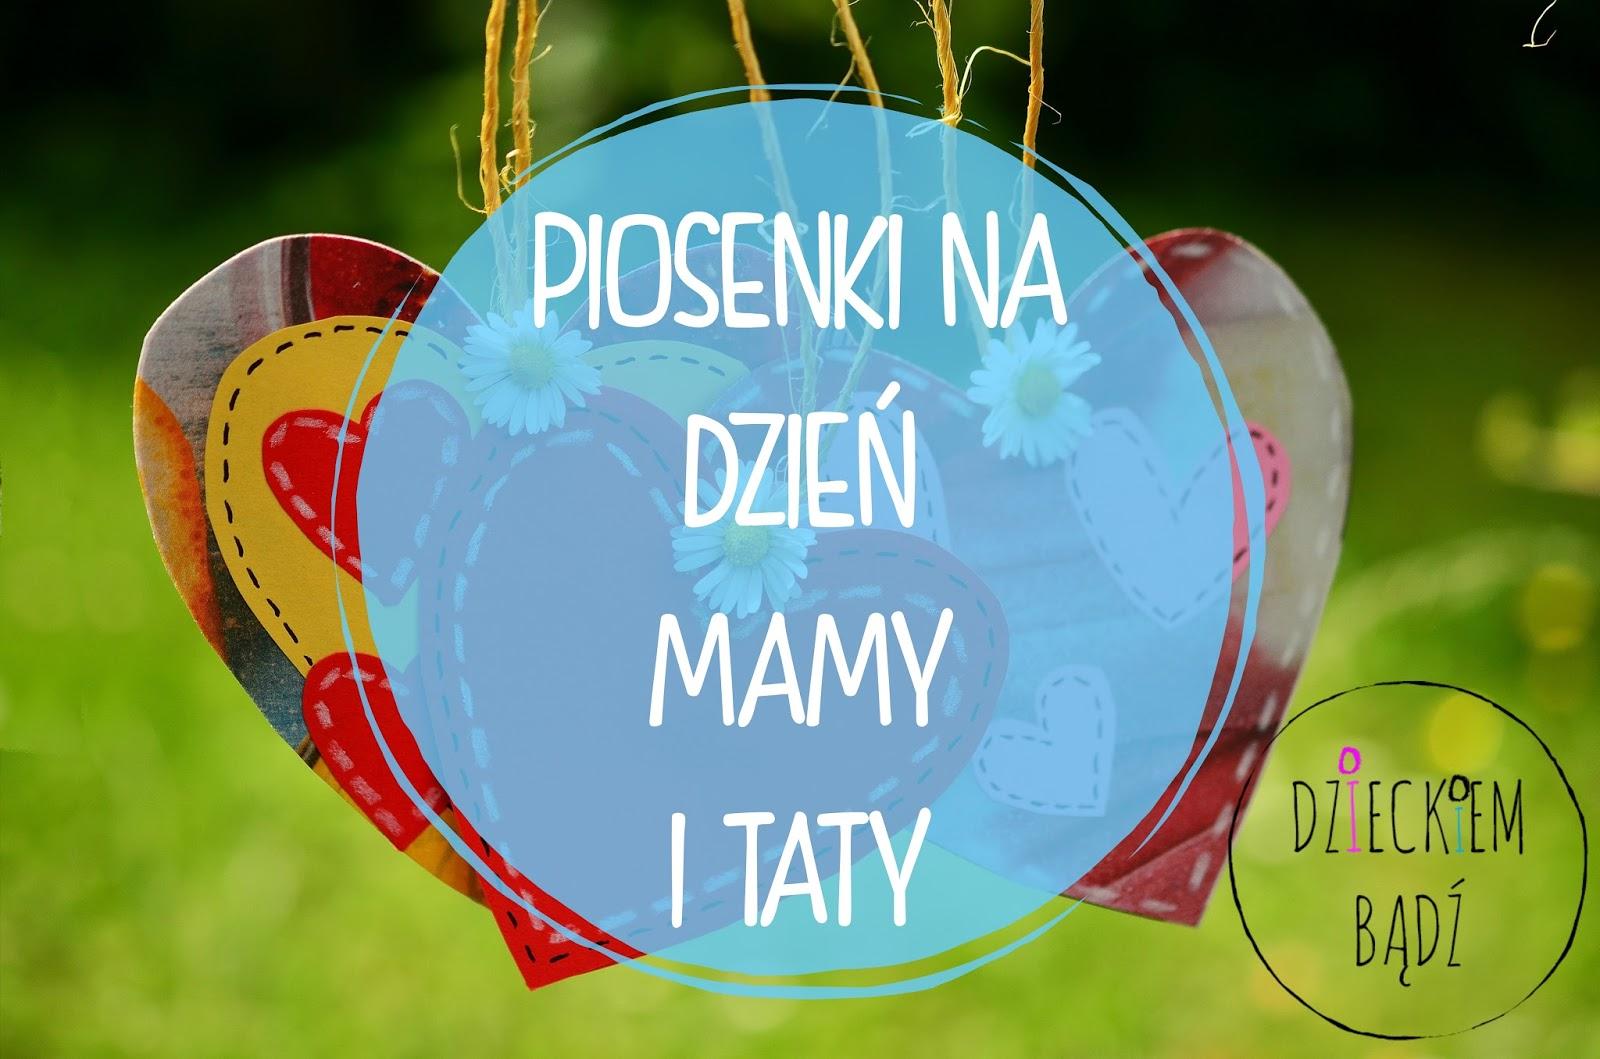 Dzieckiem Bądź Piosenki Na Dzień Mamy I Taty